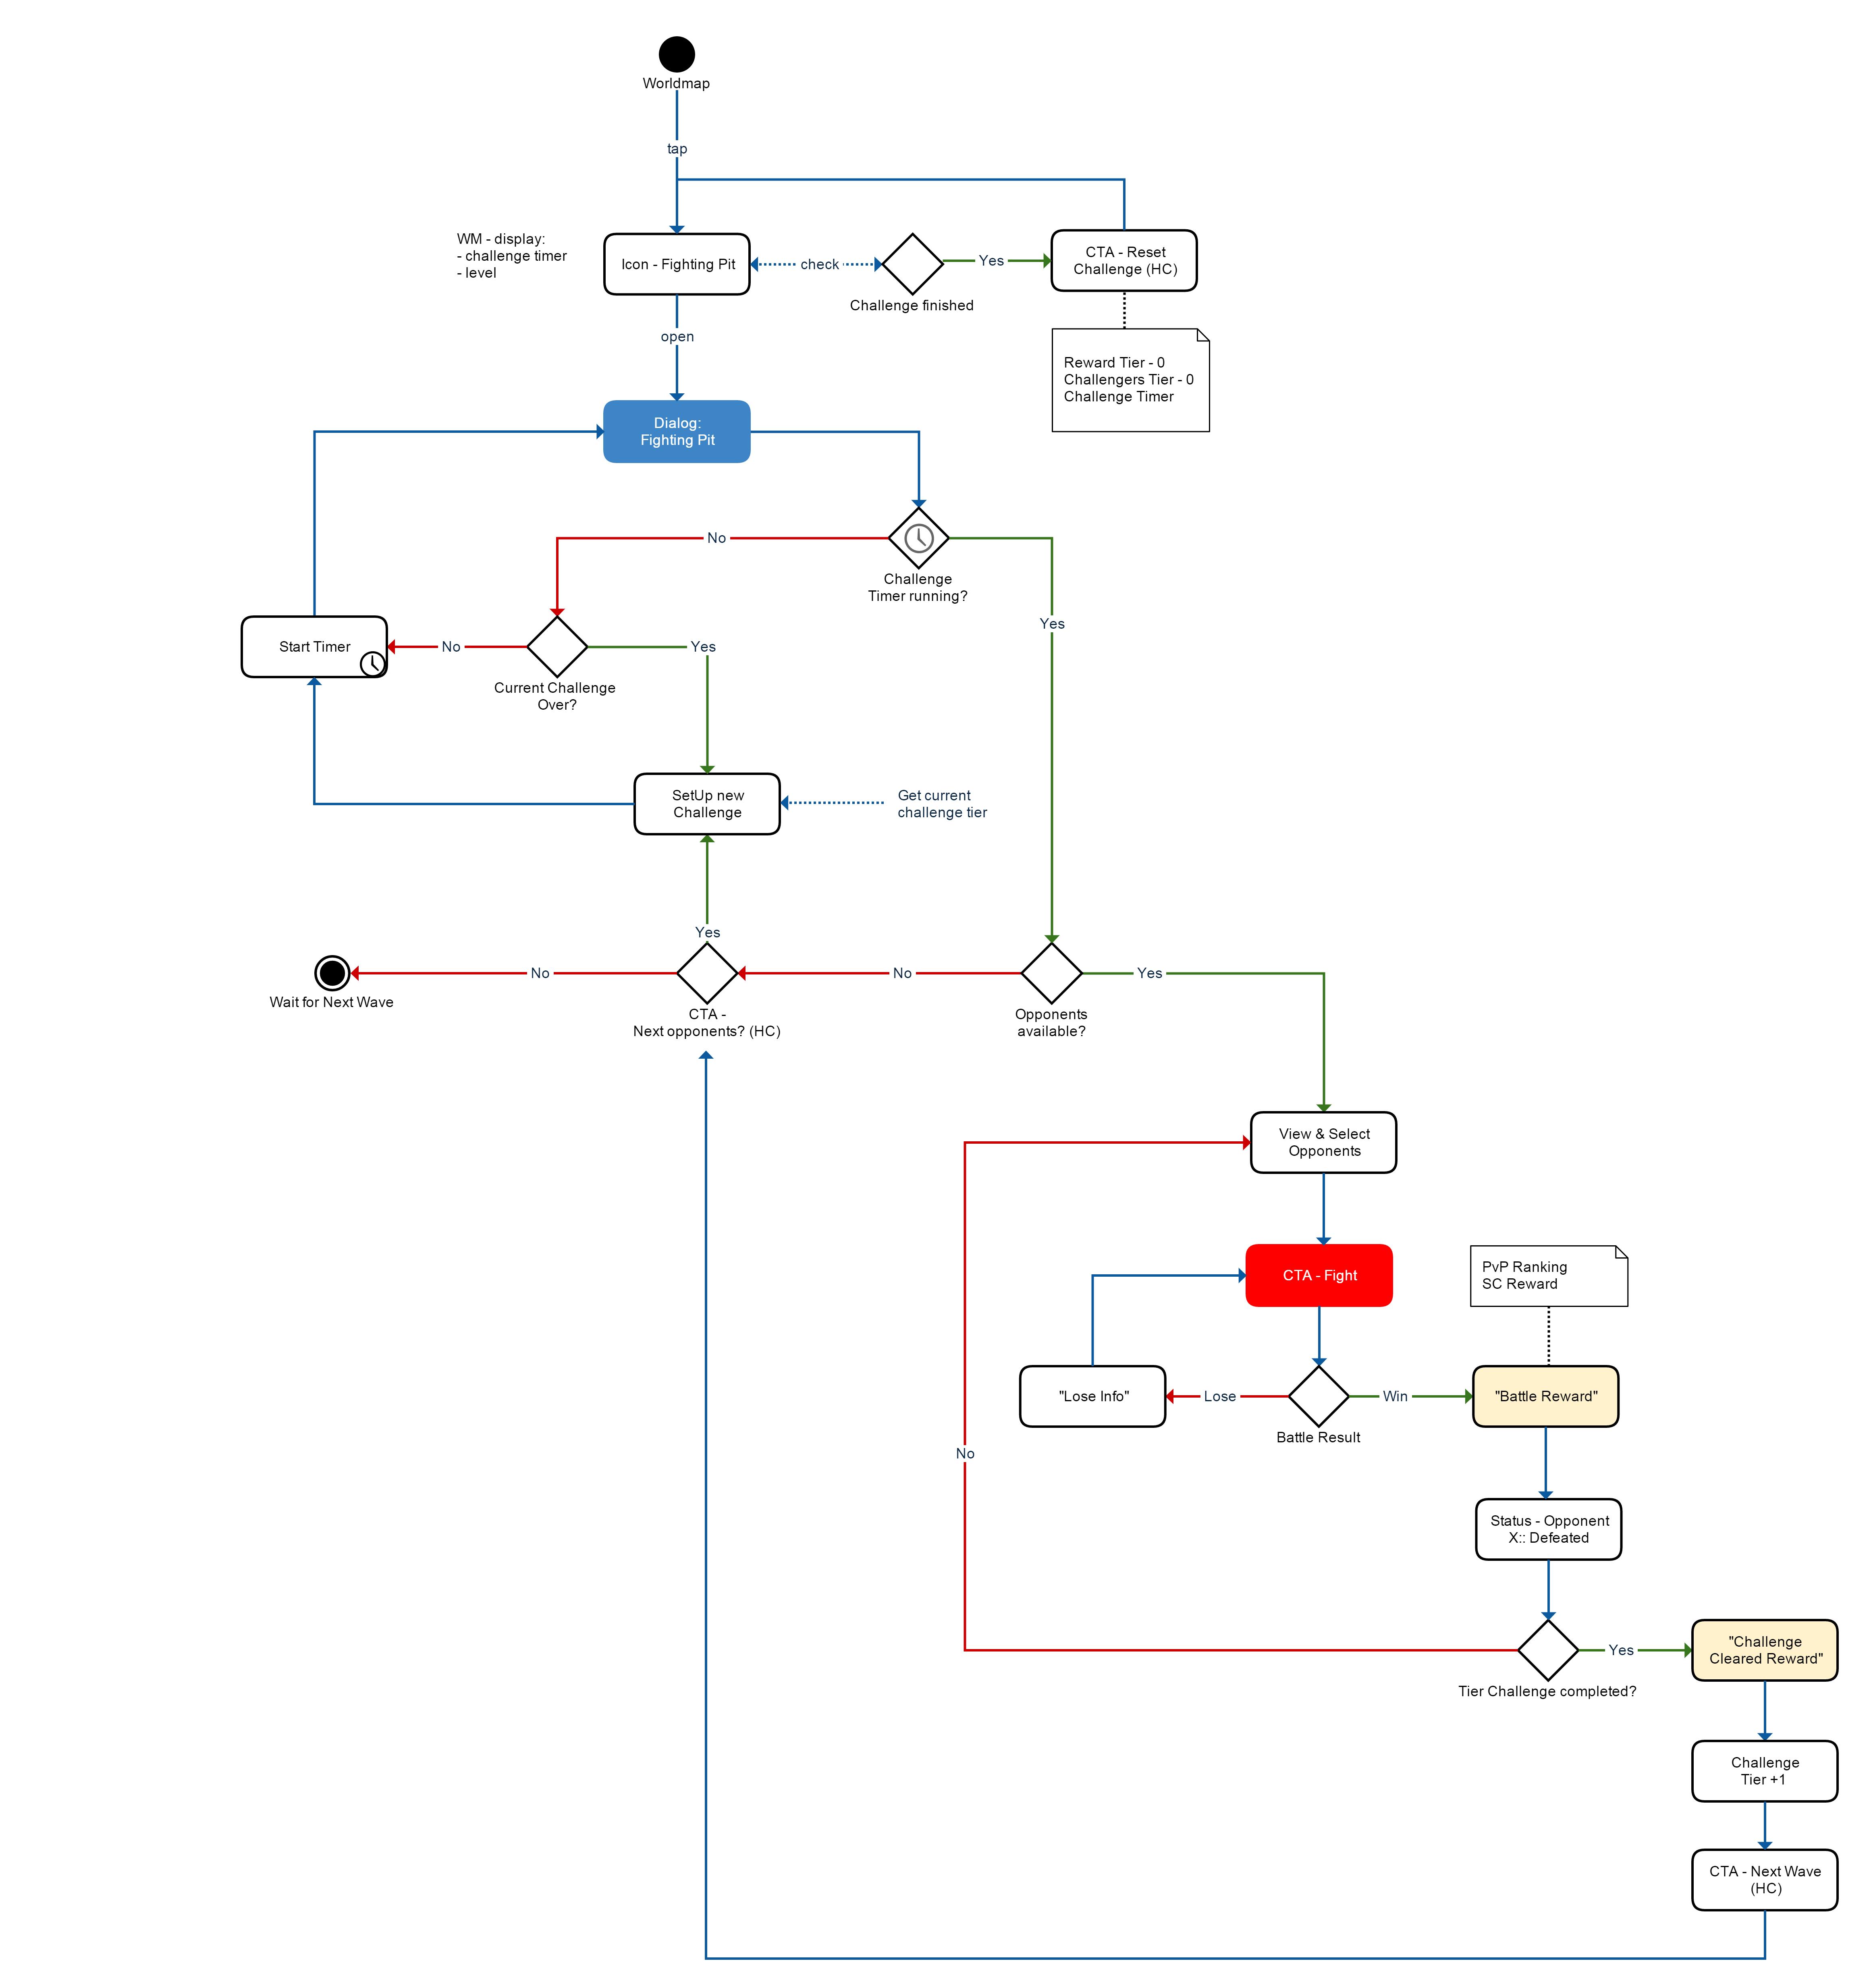 PvP - battle event flow